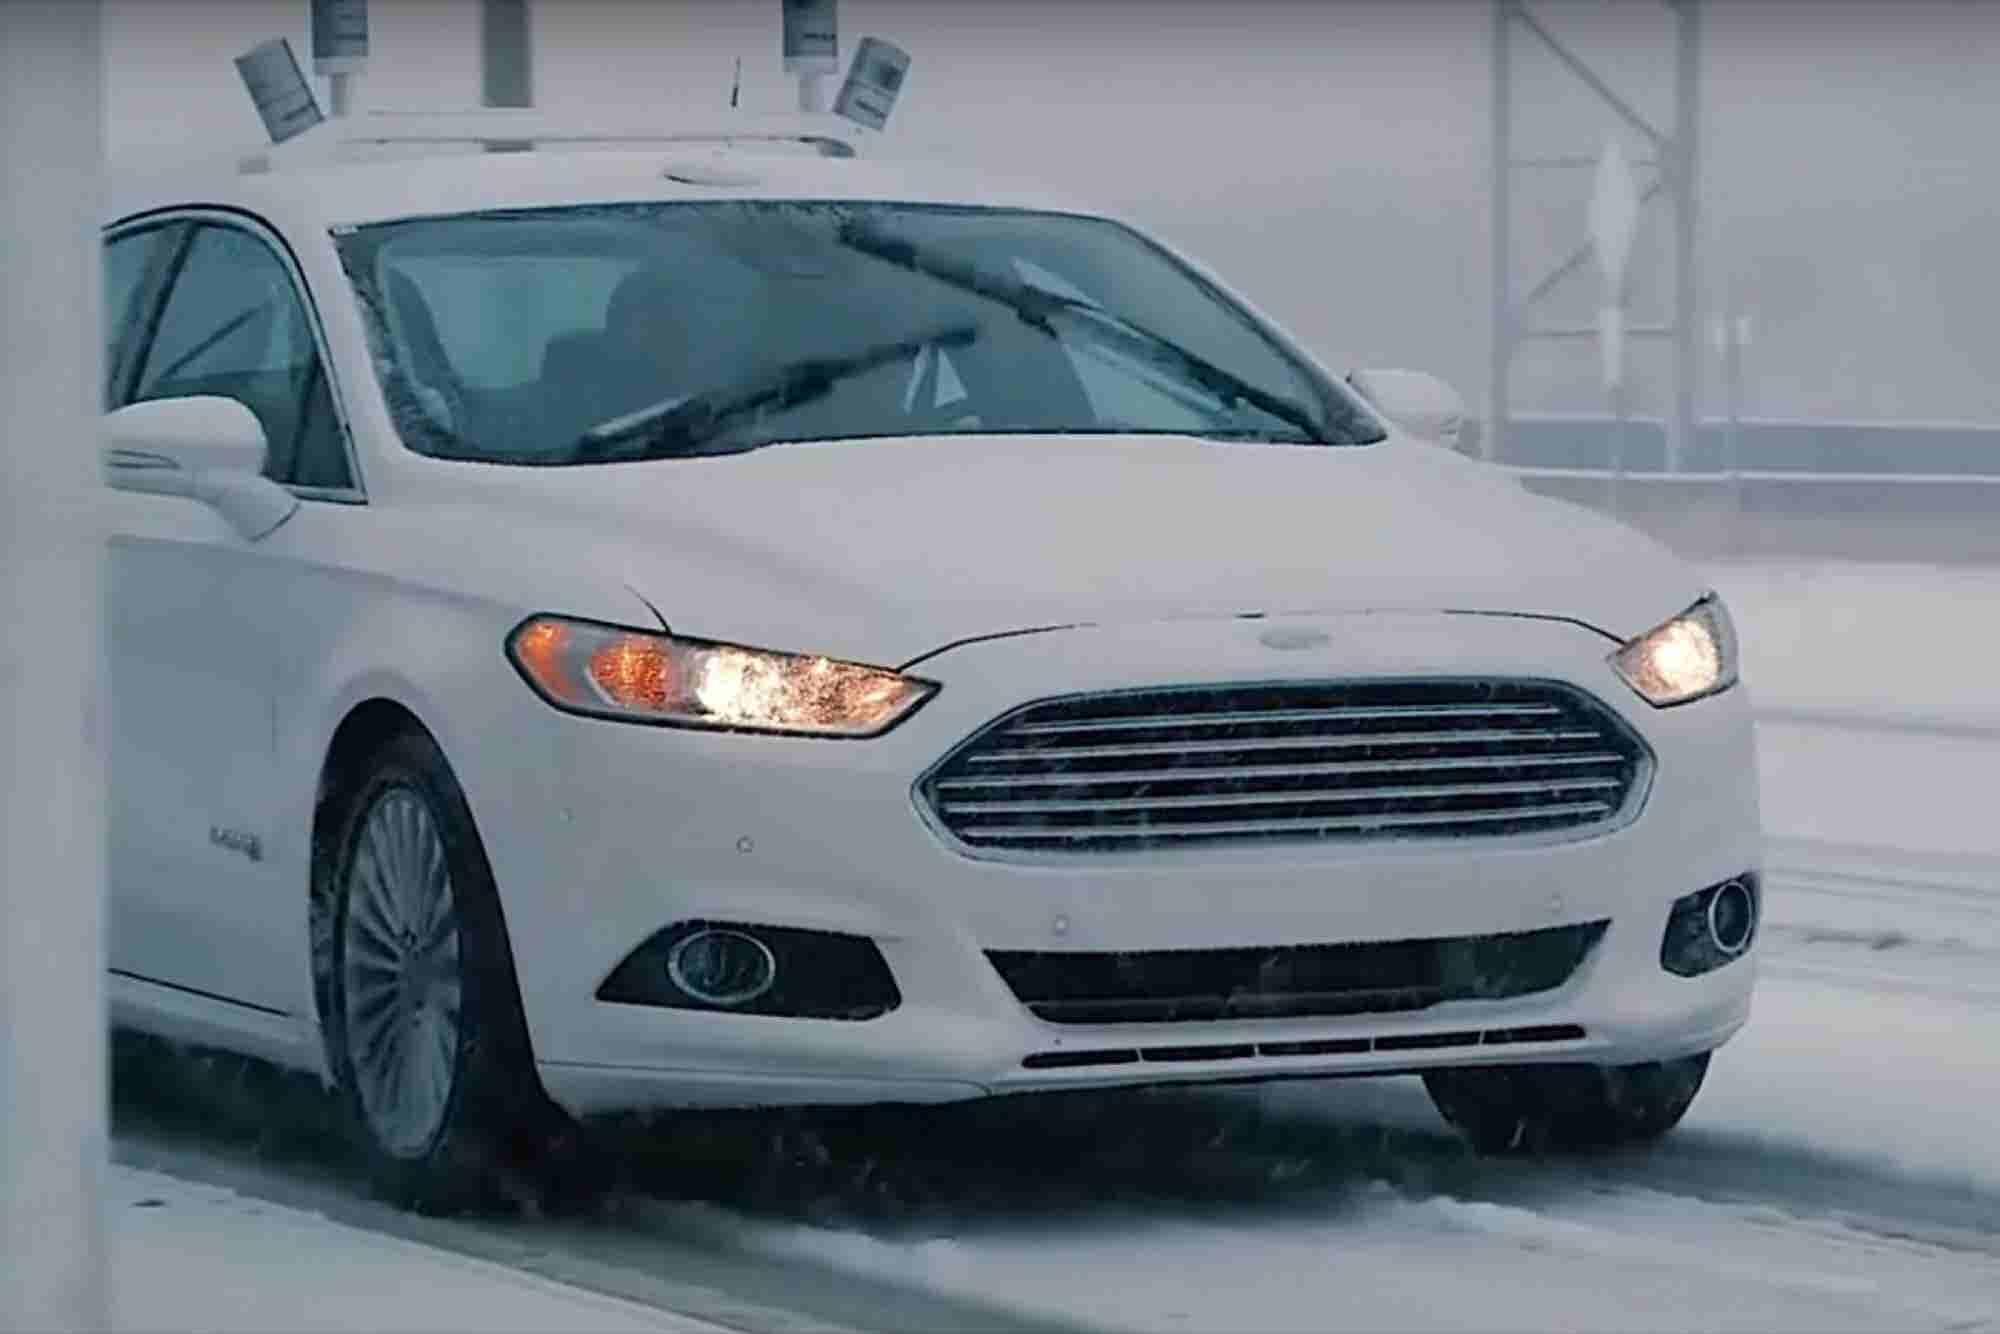 Are Autonomous Vehicle Tests a Public Hazard?